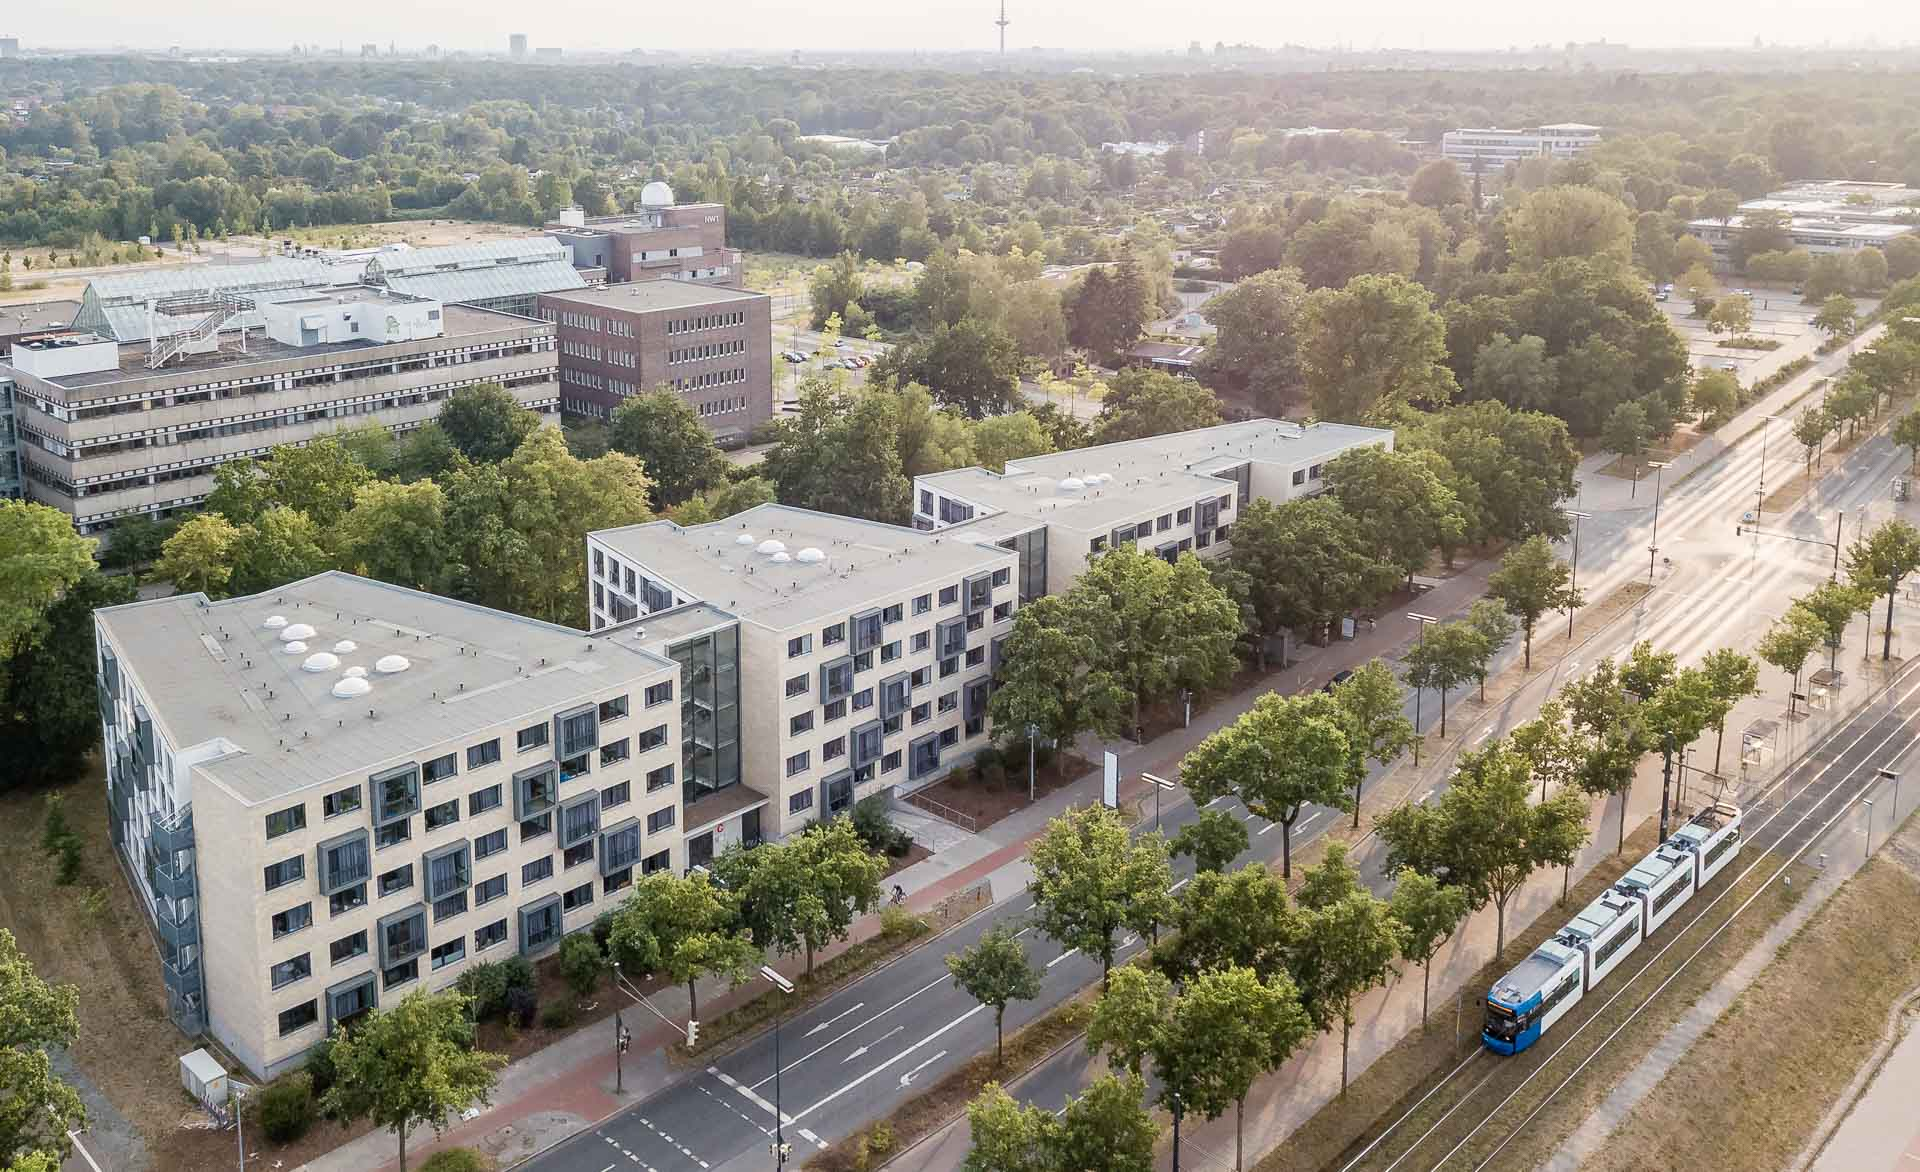 Luftaufnahme des THE FIZZ Bremen Gebäudes bei Sonnenuntergang